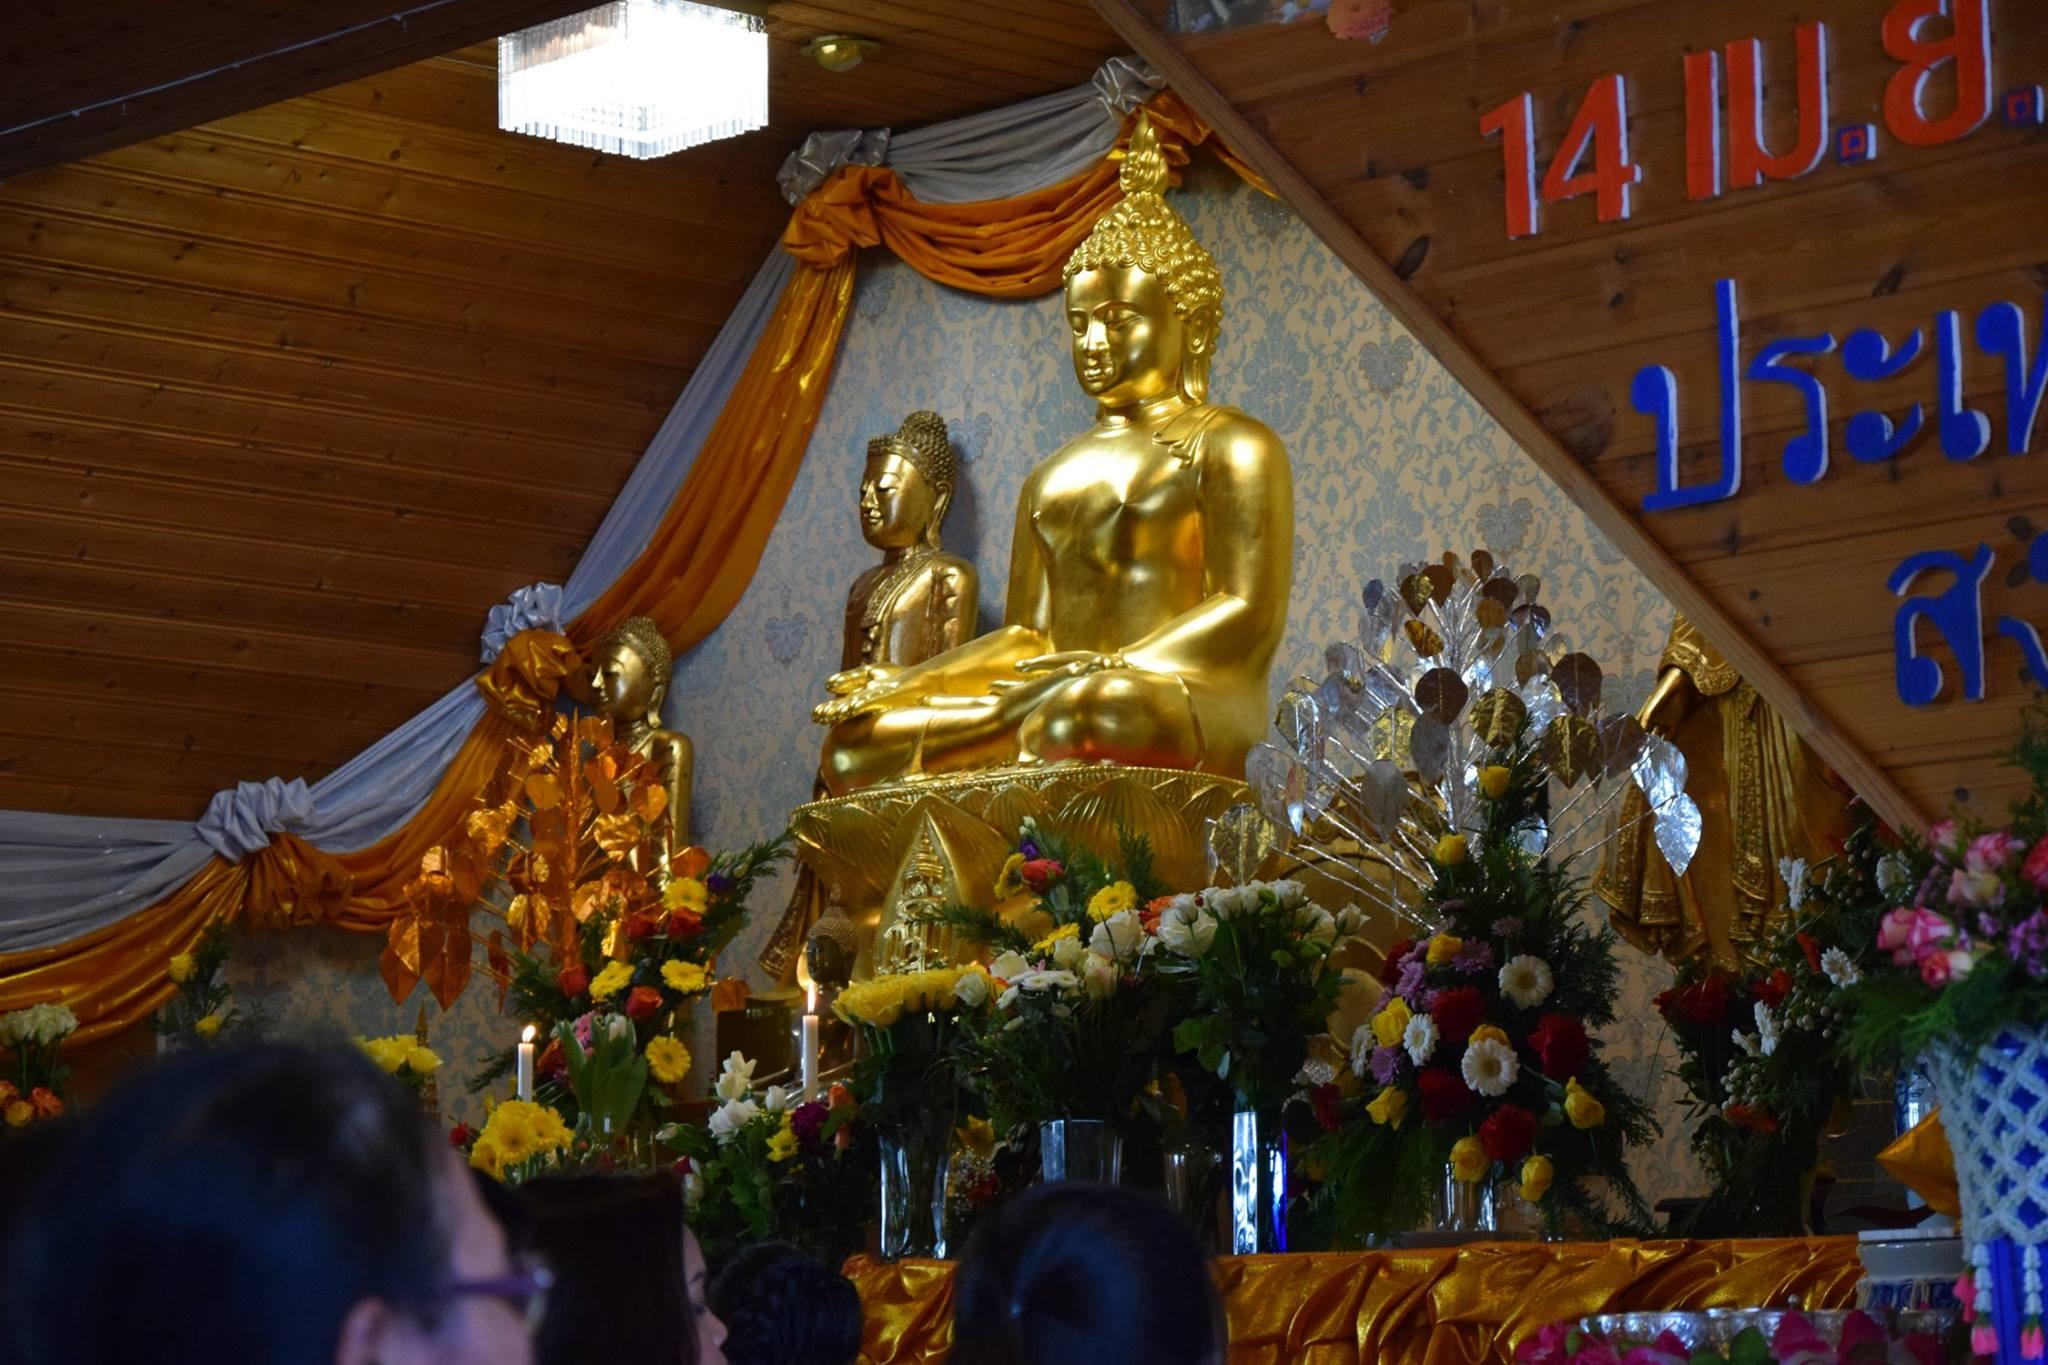 Songkran image